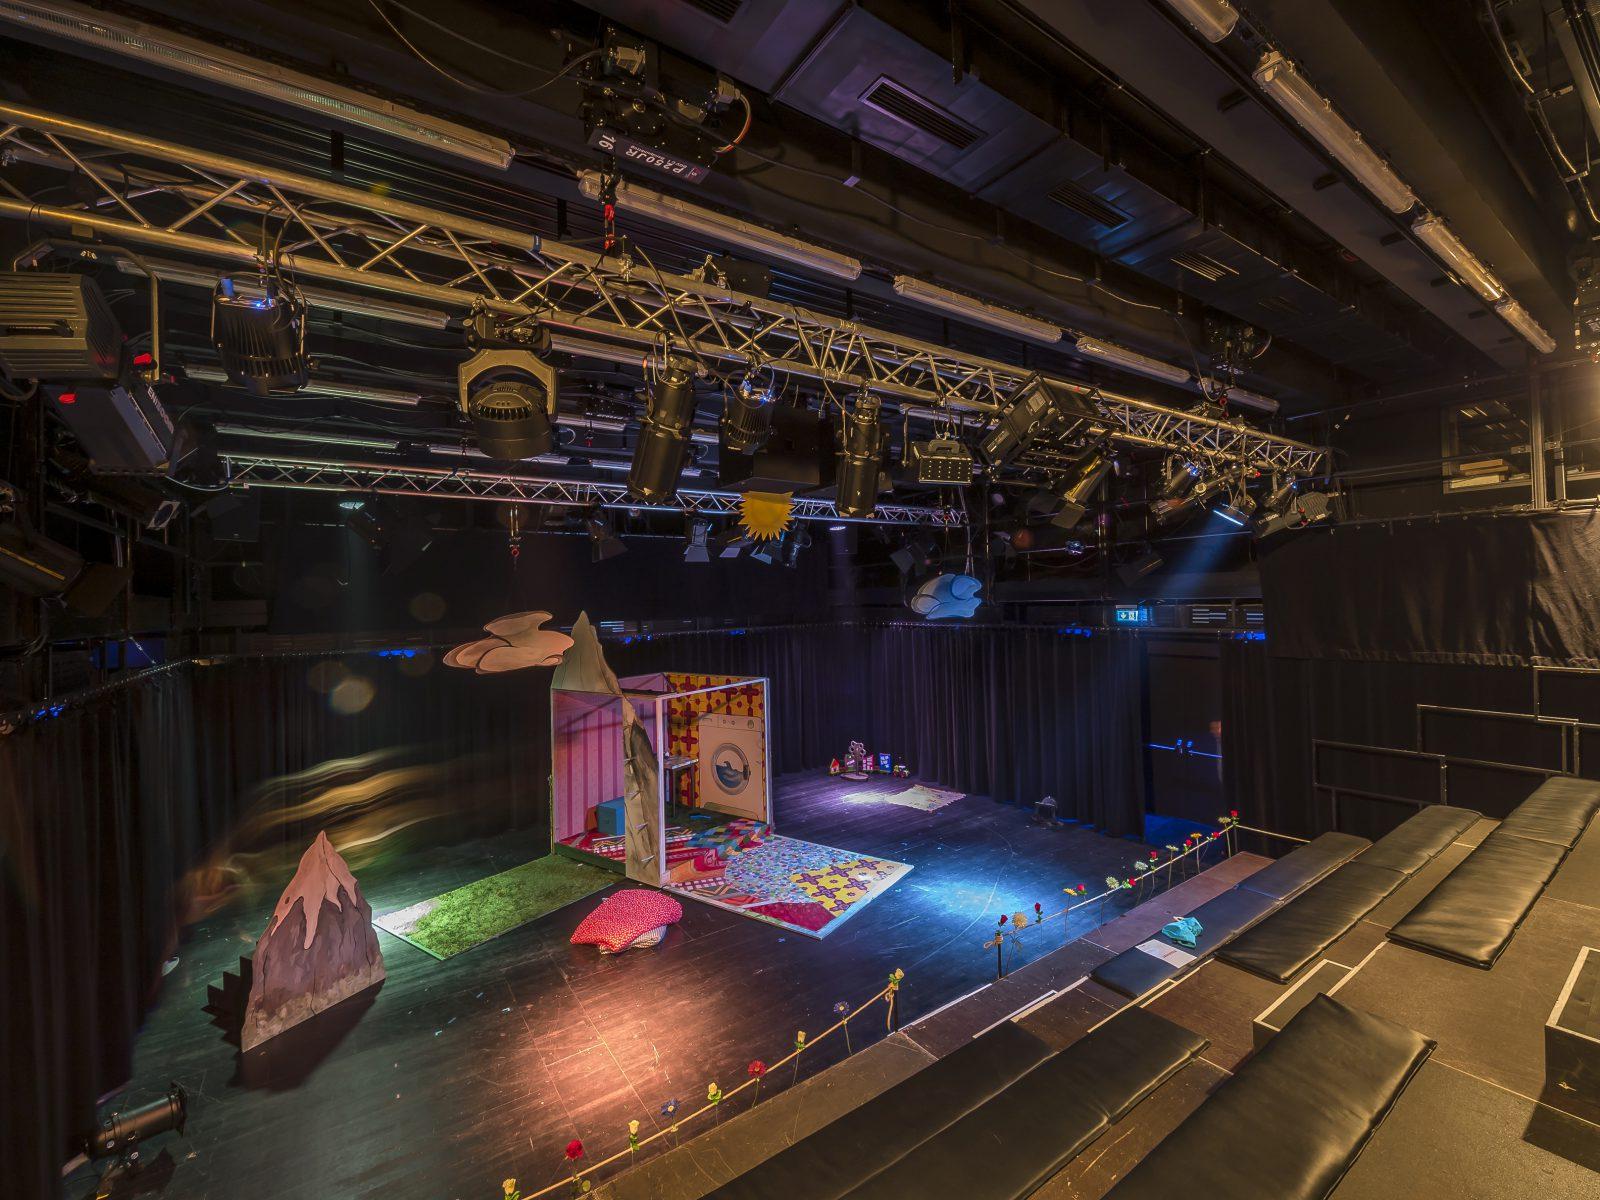 Kinder- und Jugendtheater im Haus der Musik, Regensburg